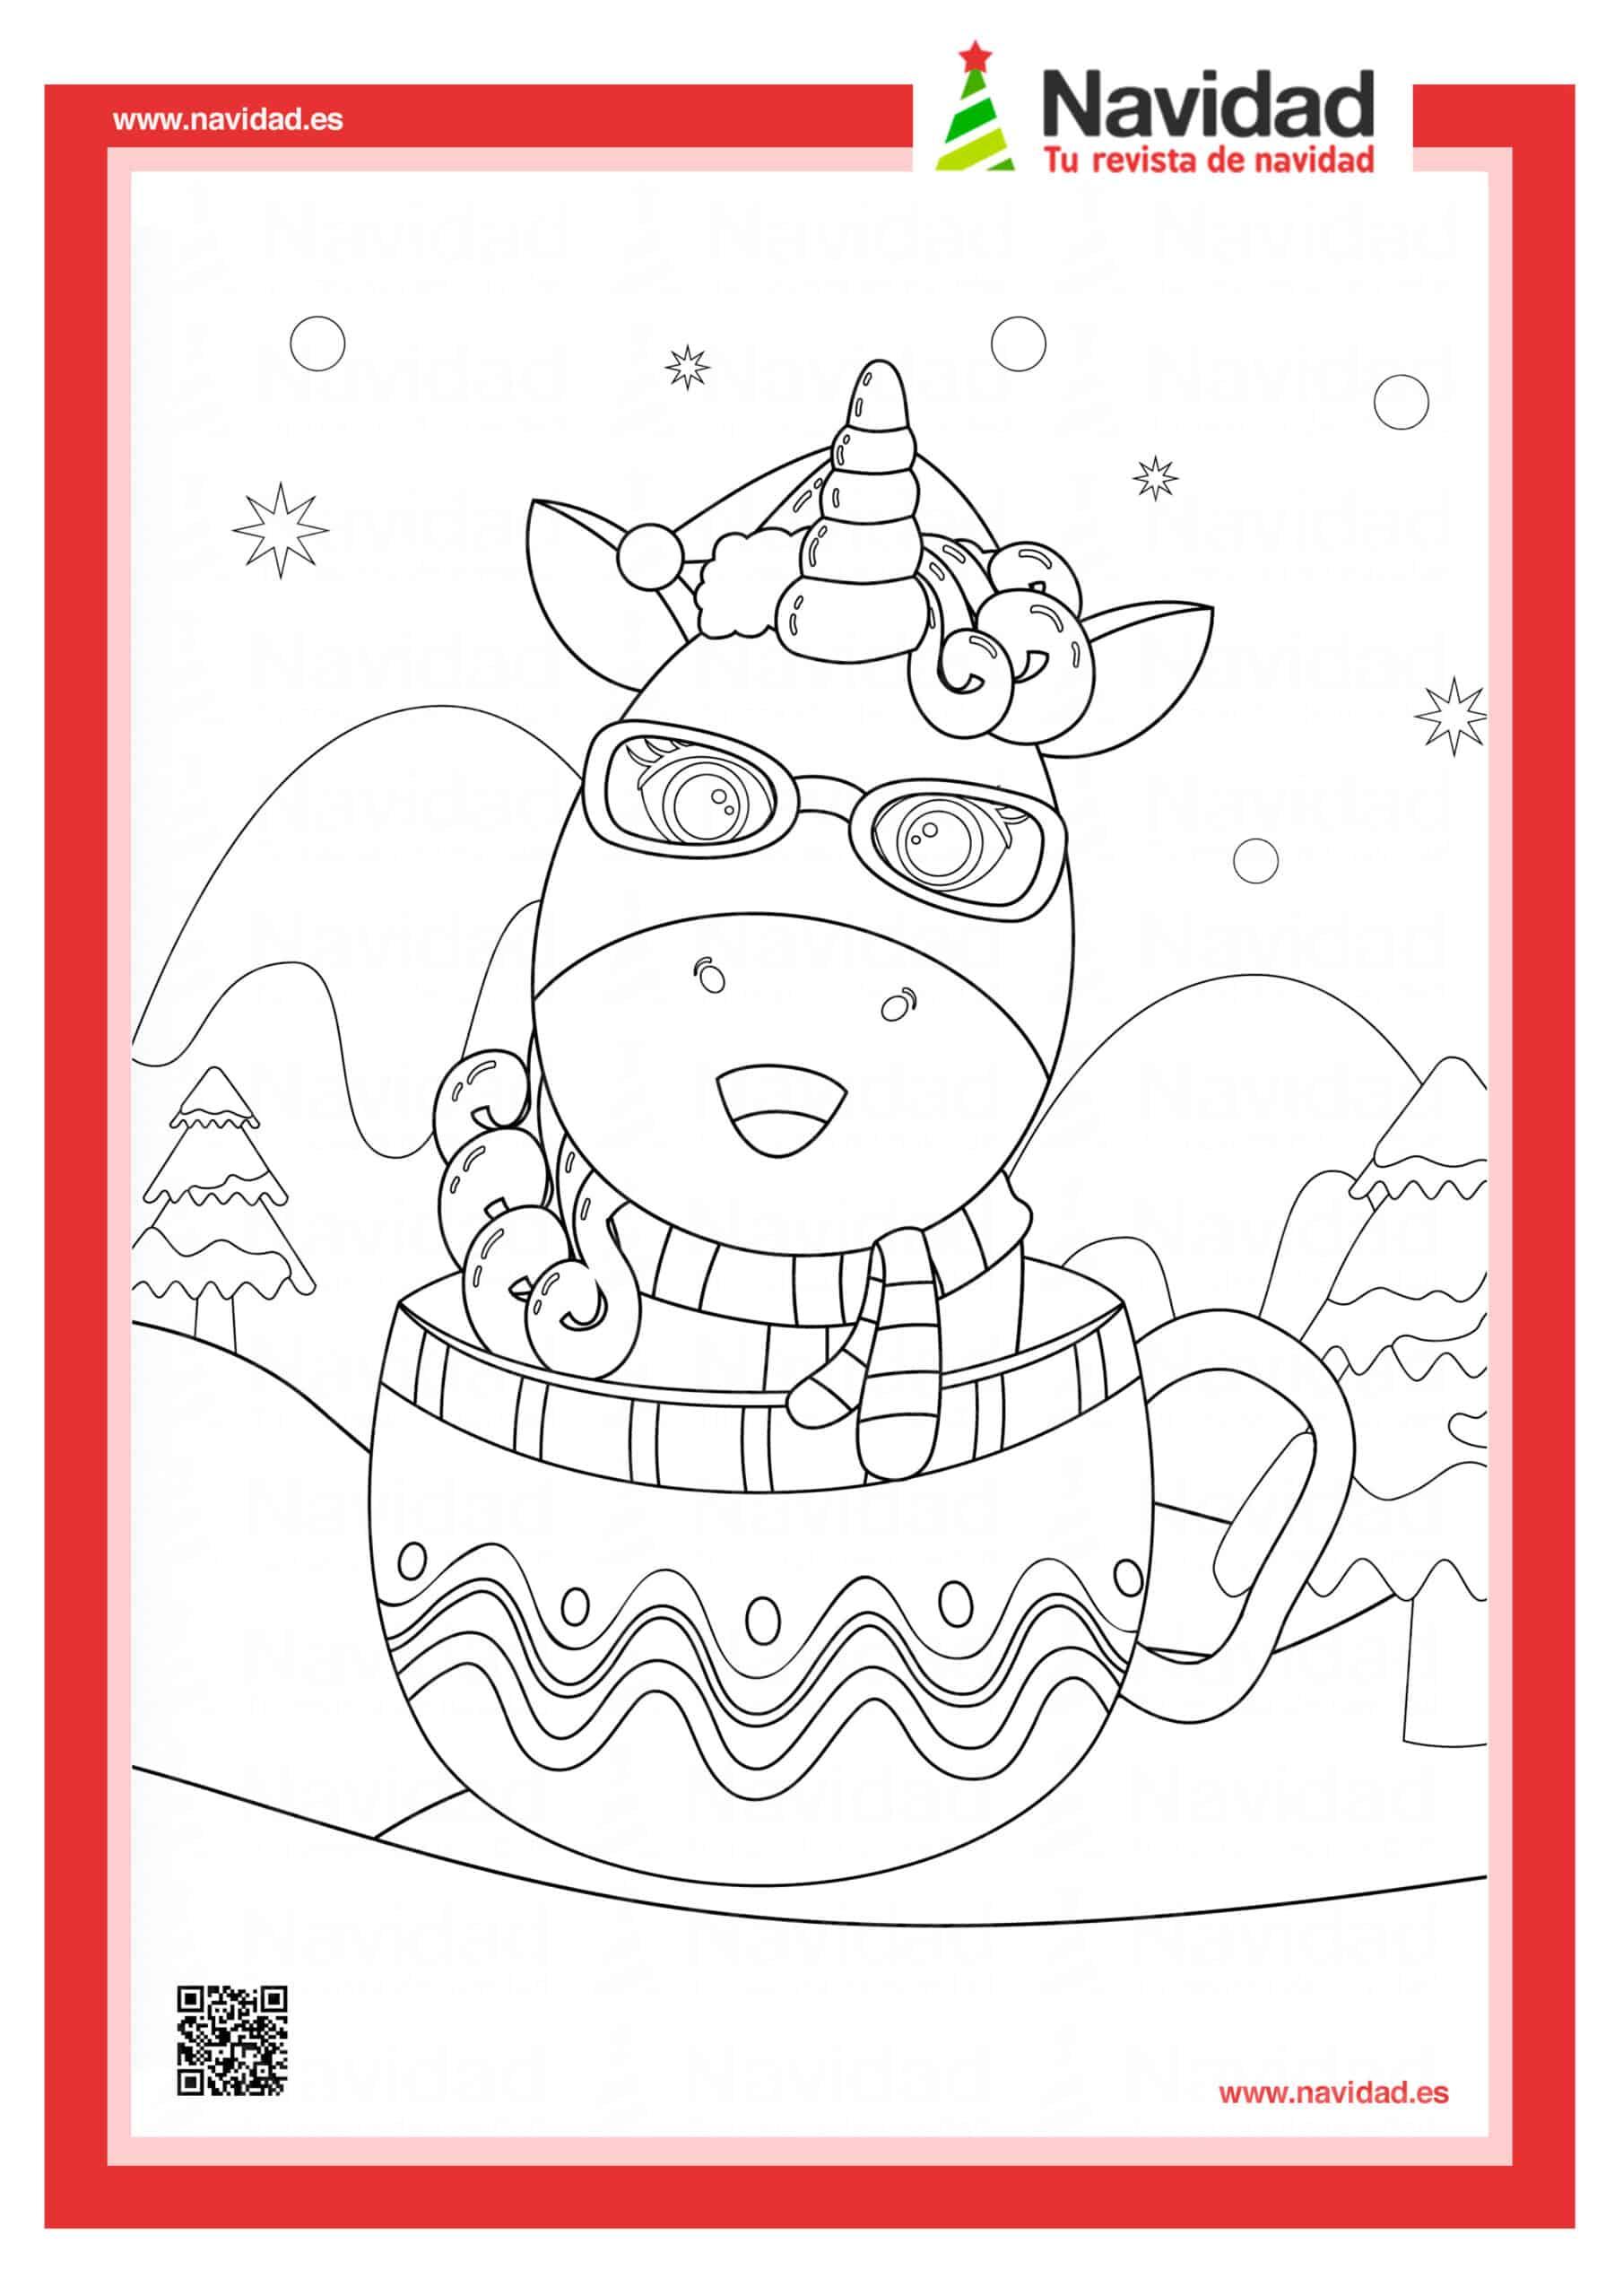 Dibujos navideños para colorear con los hijos esta Navidad 1